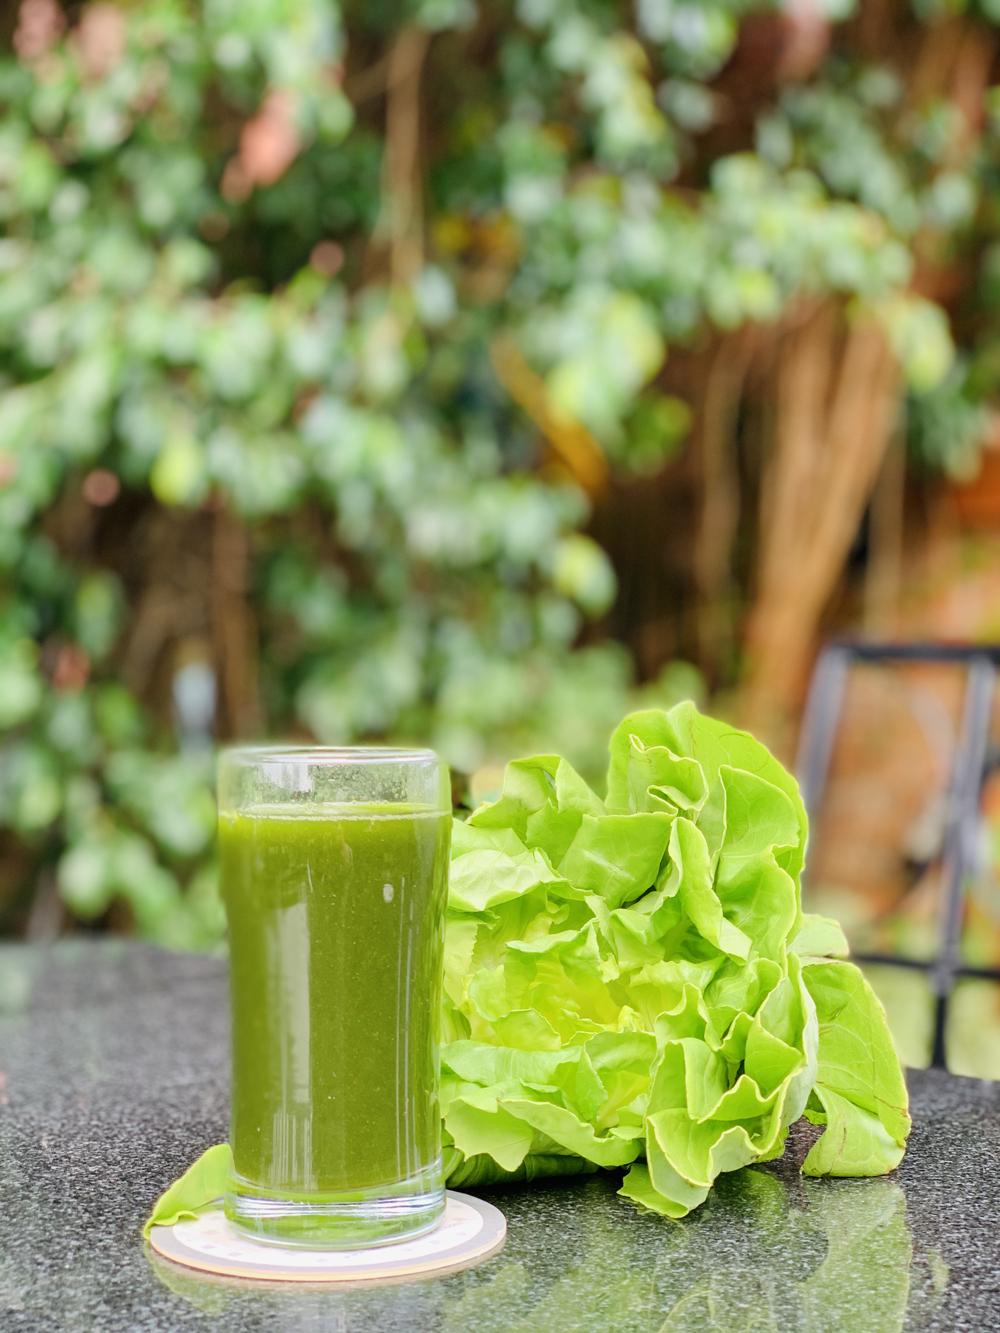 Nước ép rau xanh - một trong những món thức uống tăng cường vitamin và khoáng chất, cho cơ thể tràn đầy năng lượng.